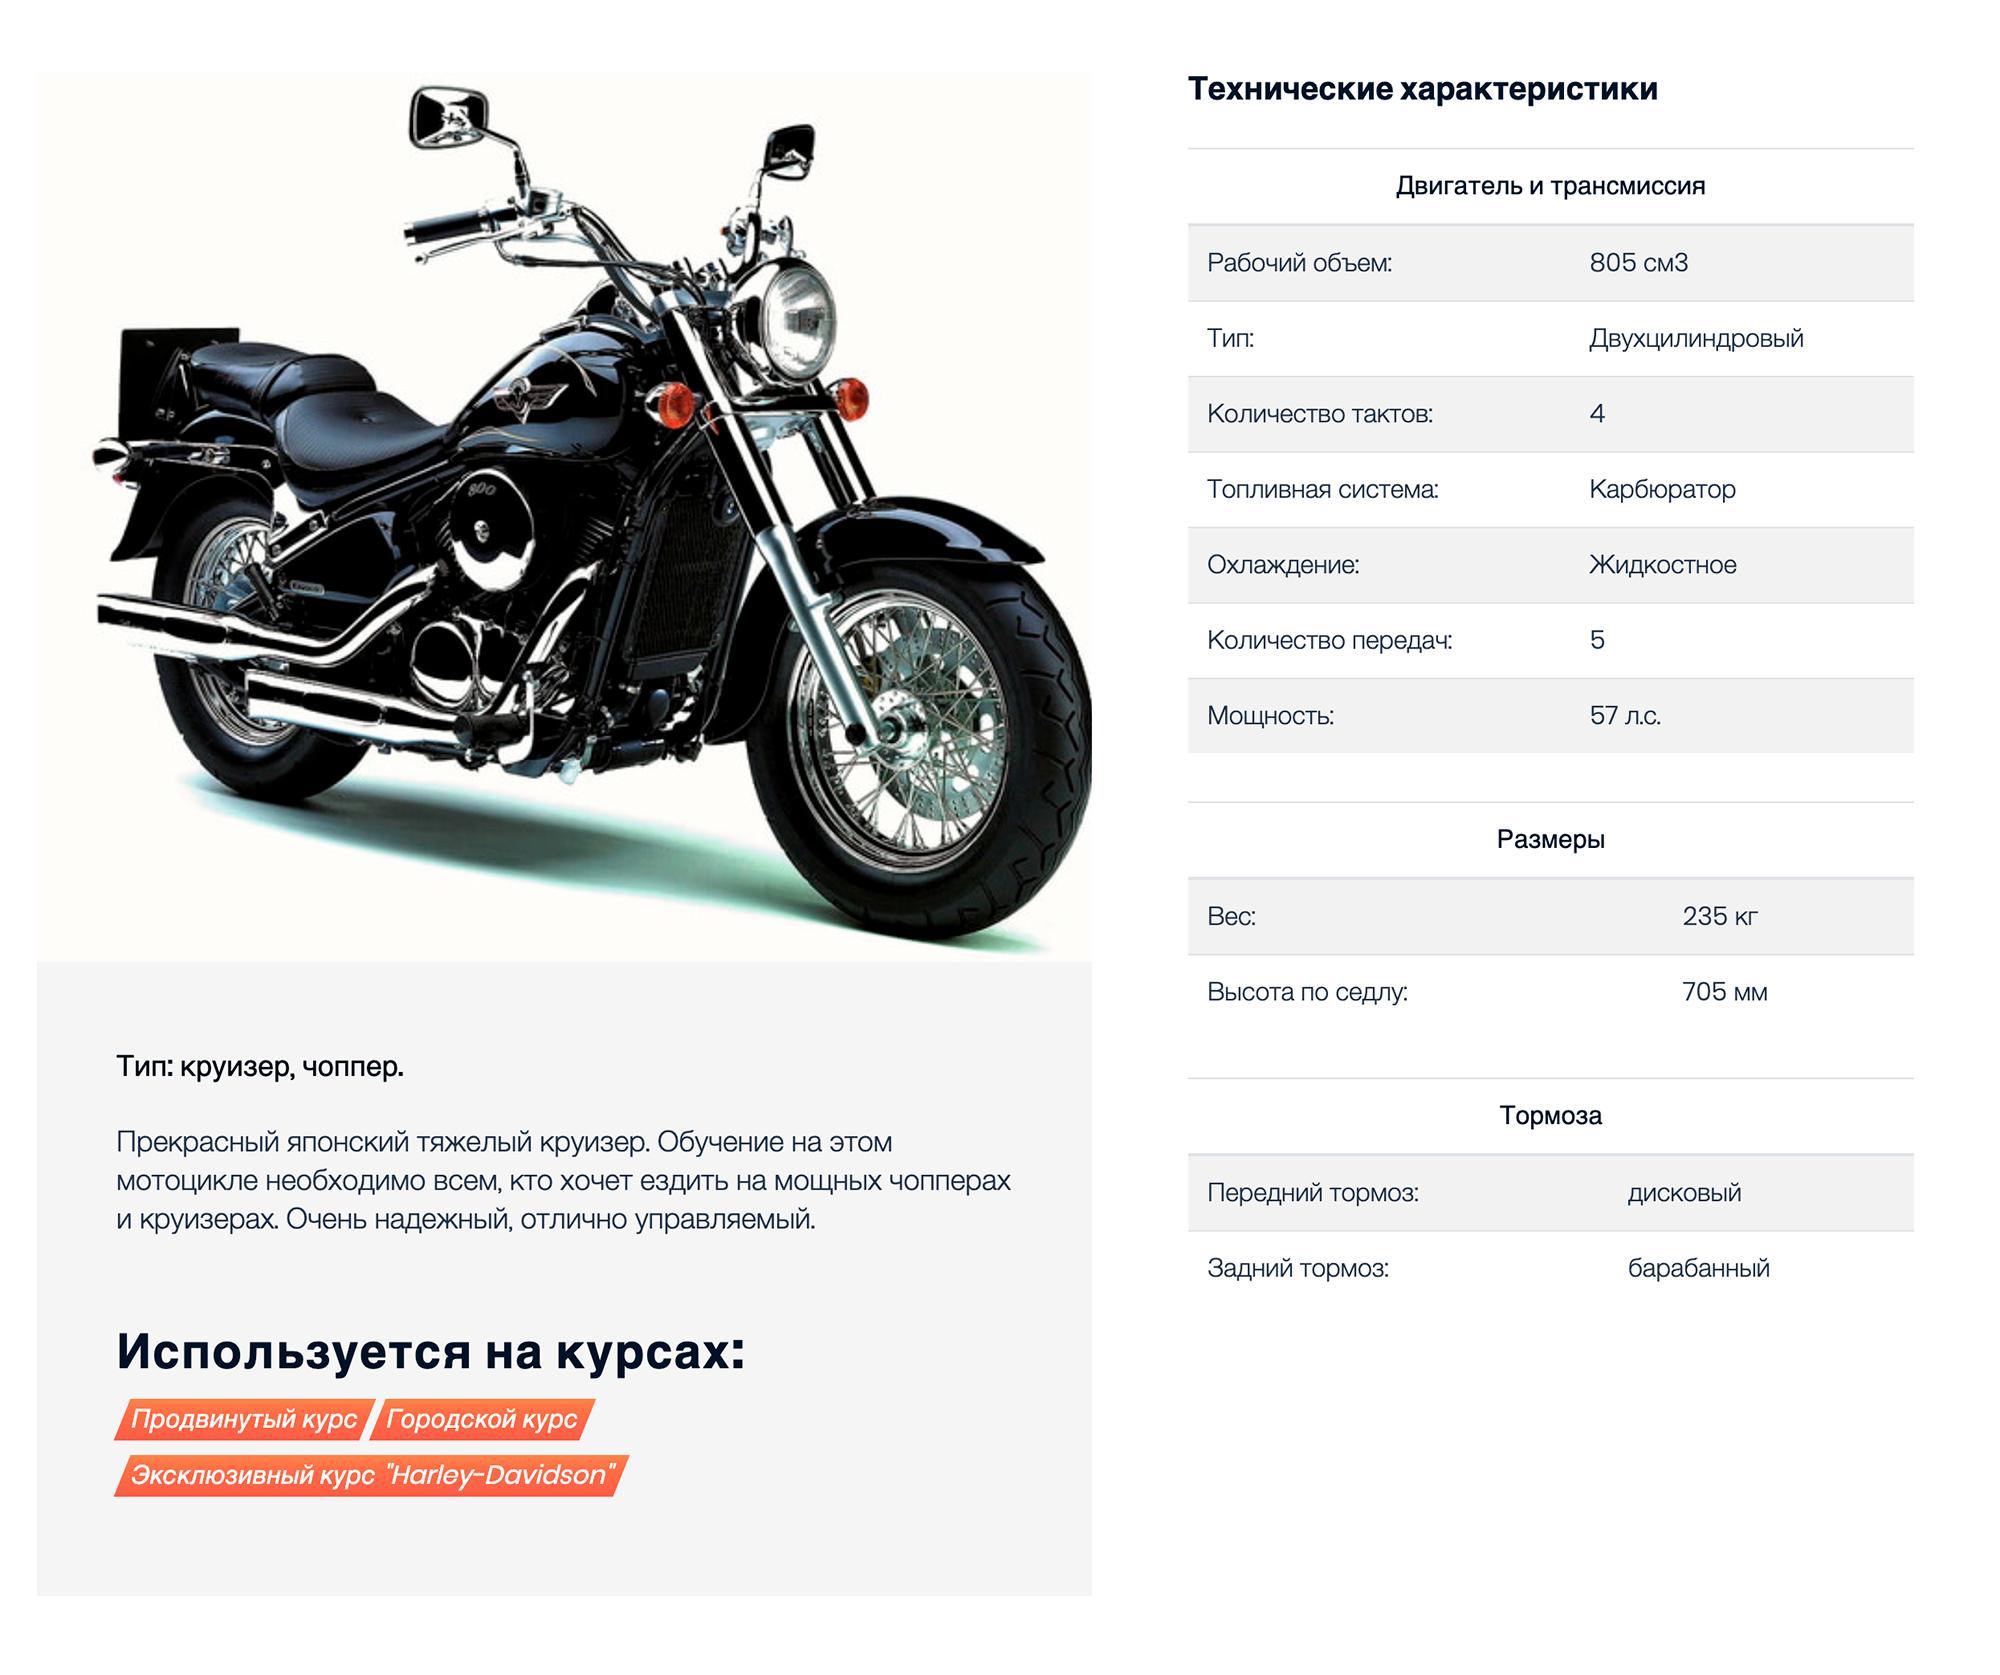 Из списка мотоциклов, на которых проводятся занятия, я мечтаю сесть за руль Kawasaki VN 800